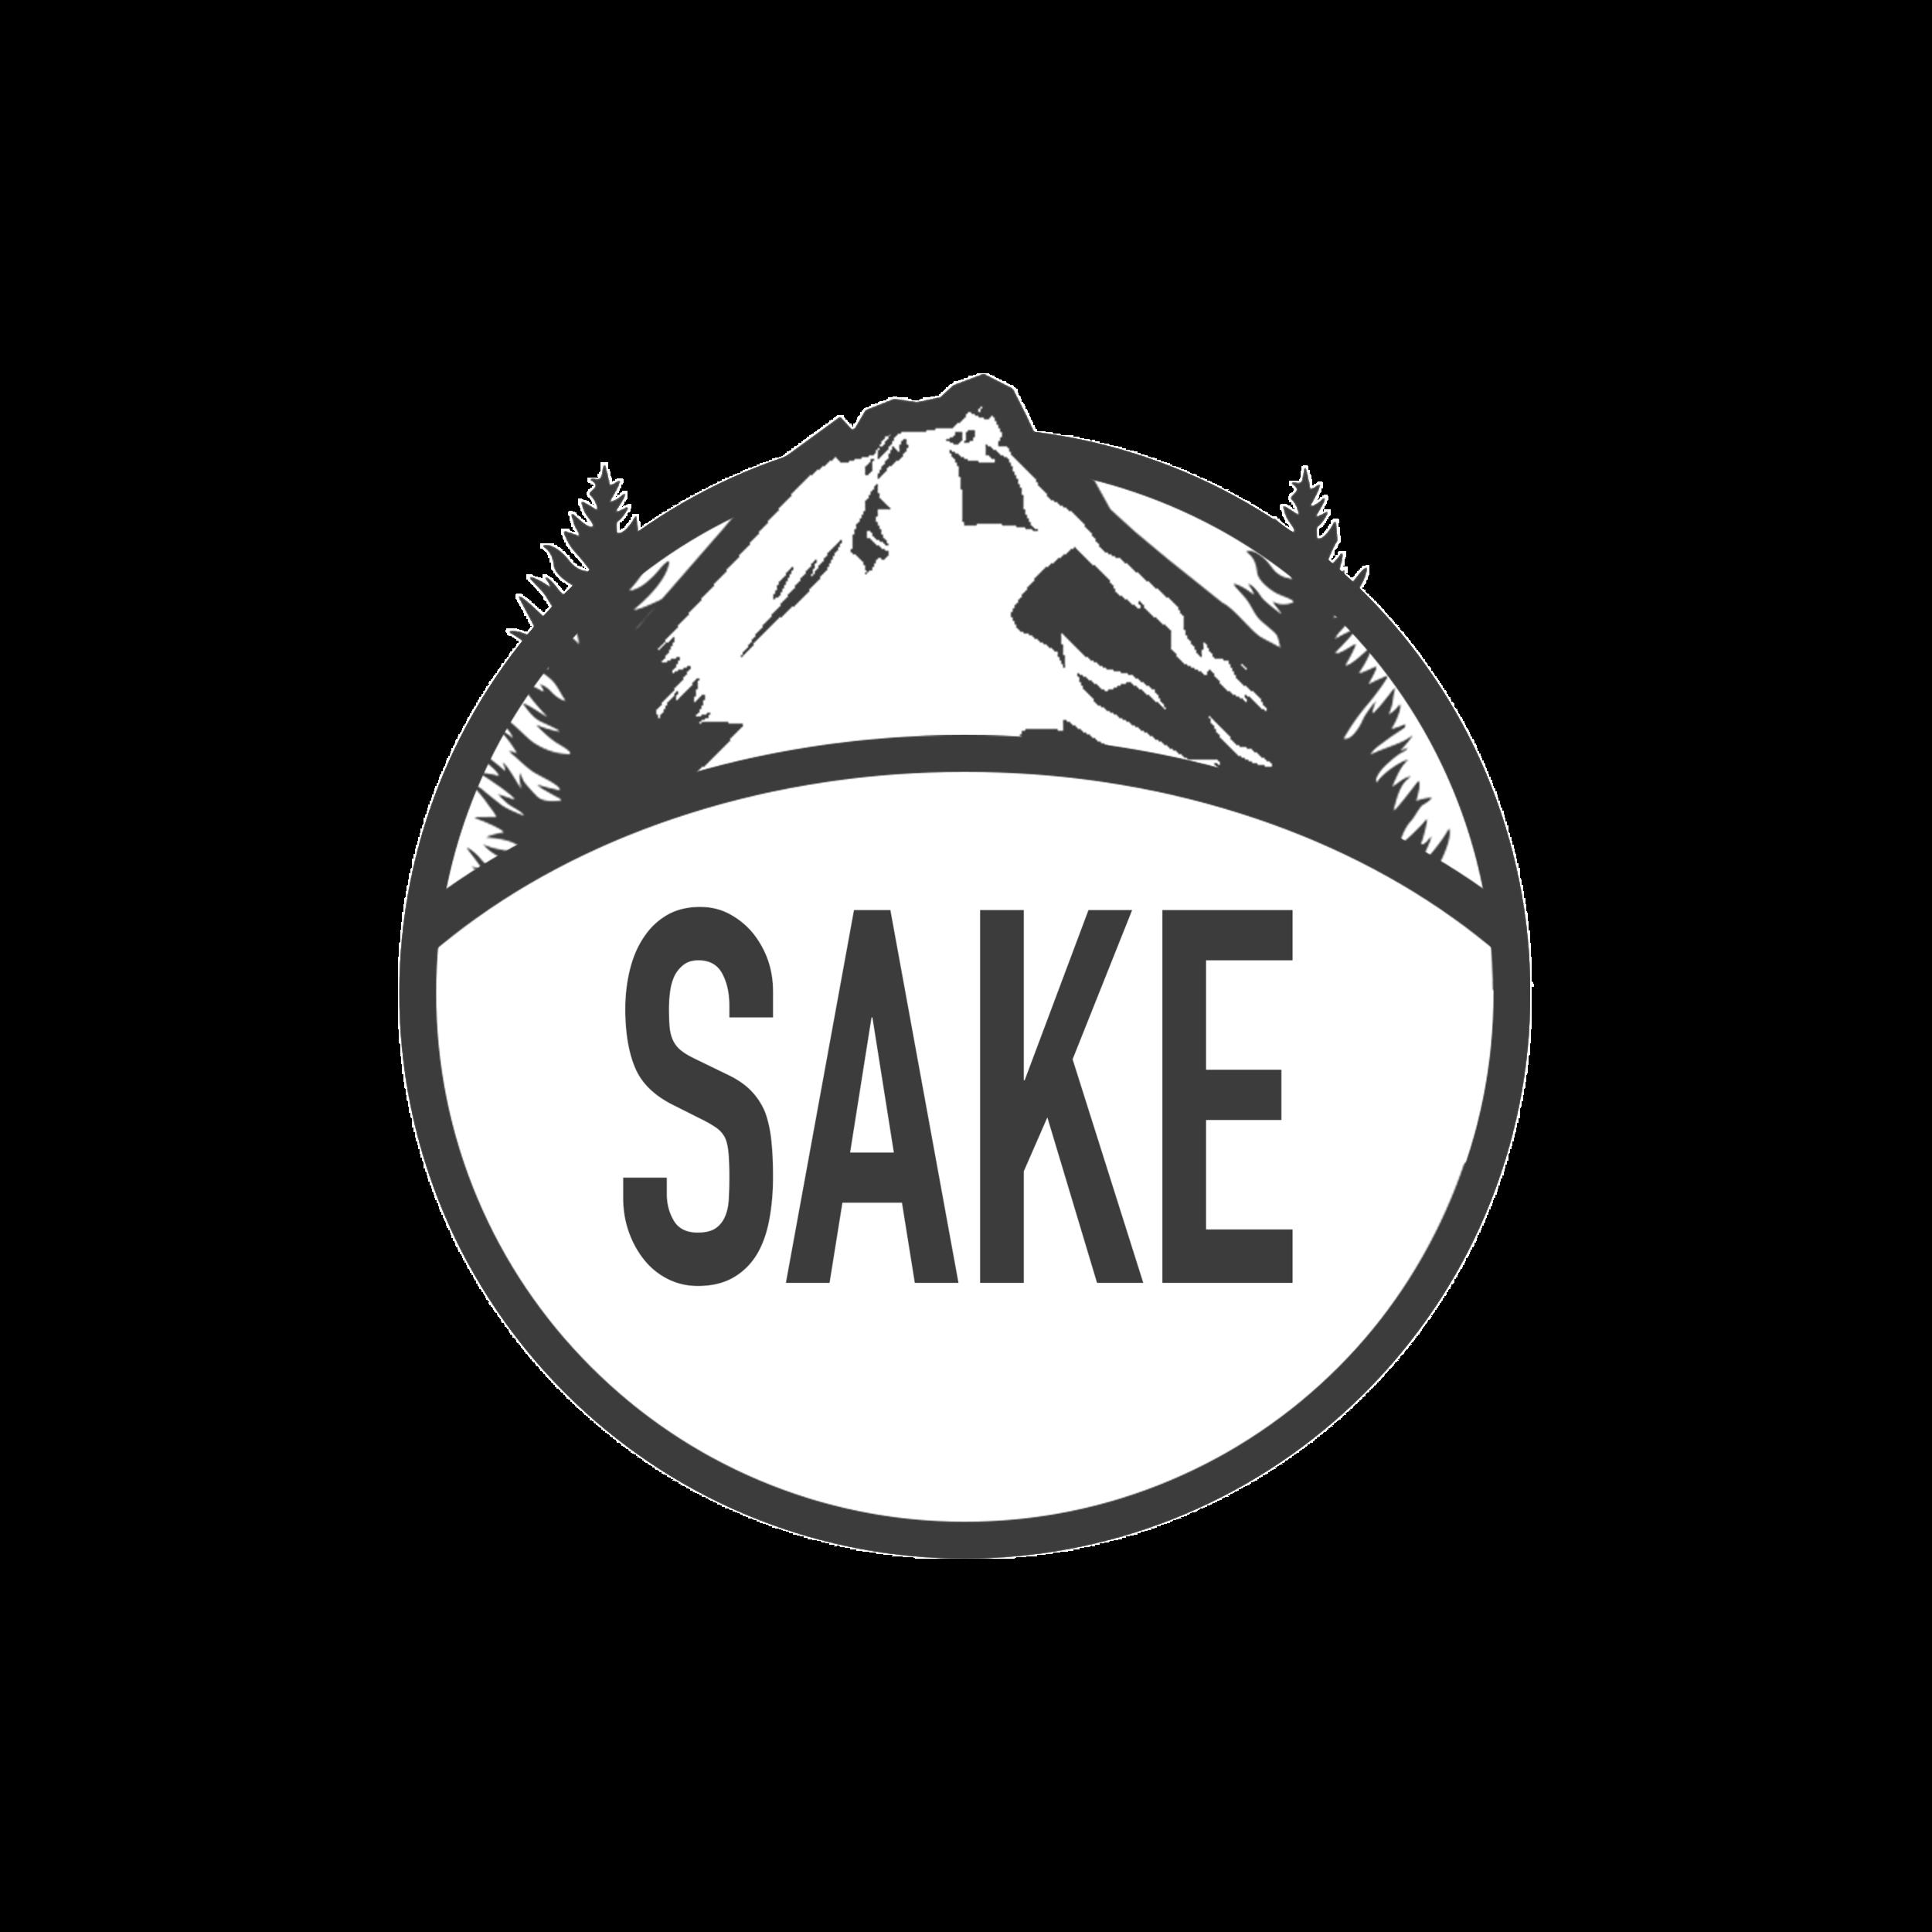 SAKE BUTTON.png